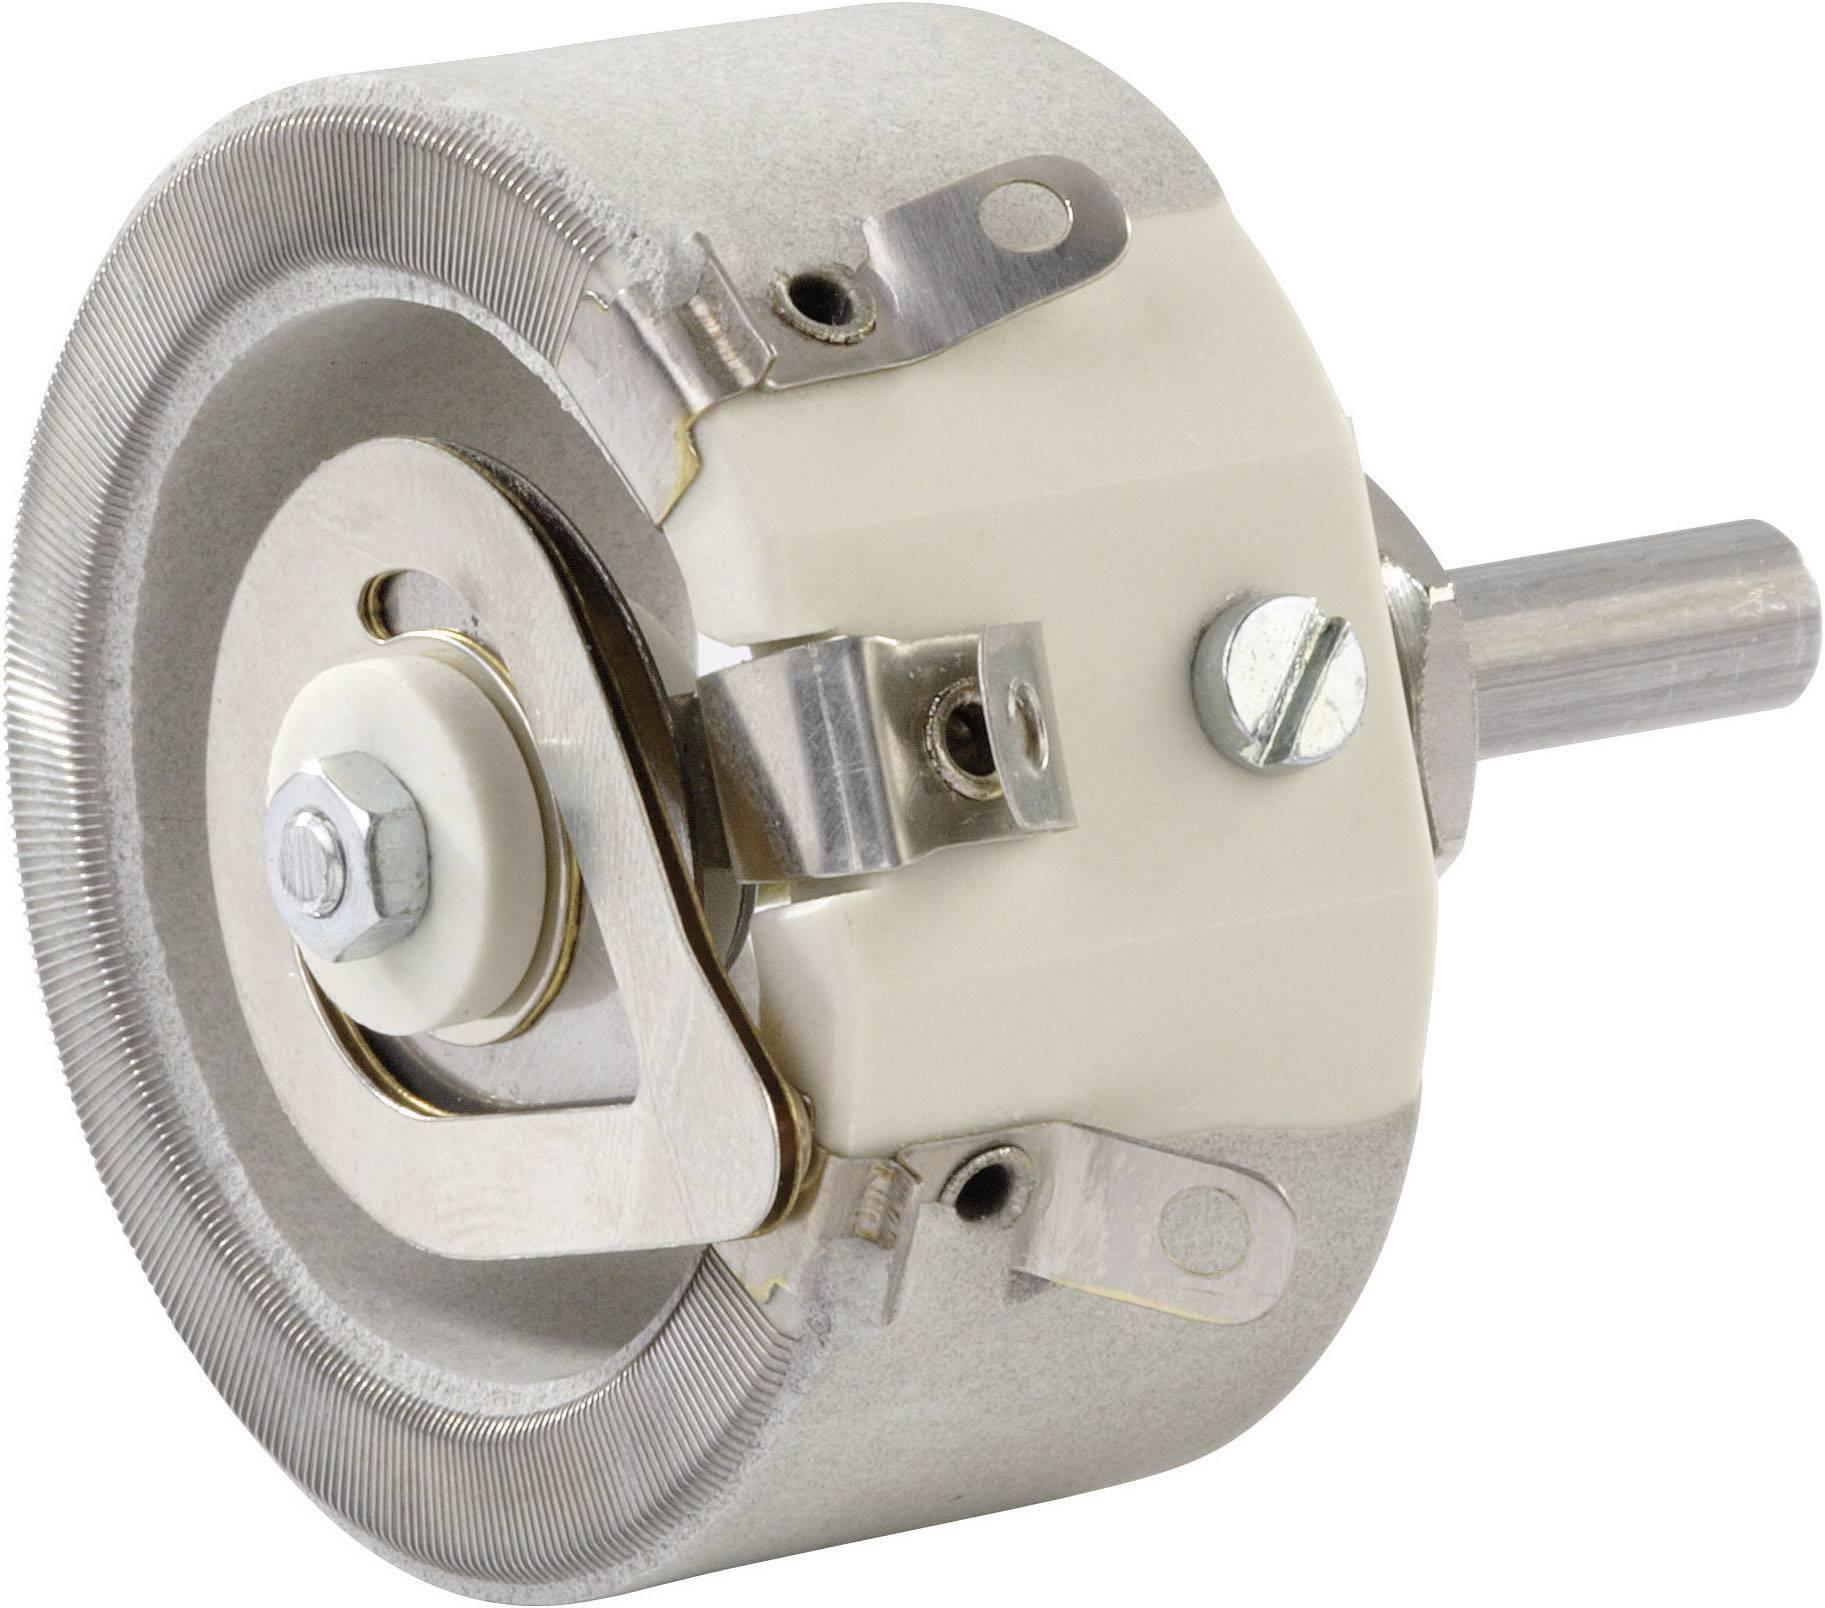 Výkonový potenciometr otočný drátový TT Electro, 100 Ω, 10 W , ± 10 %